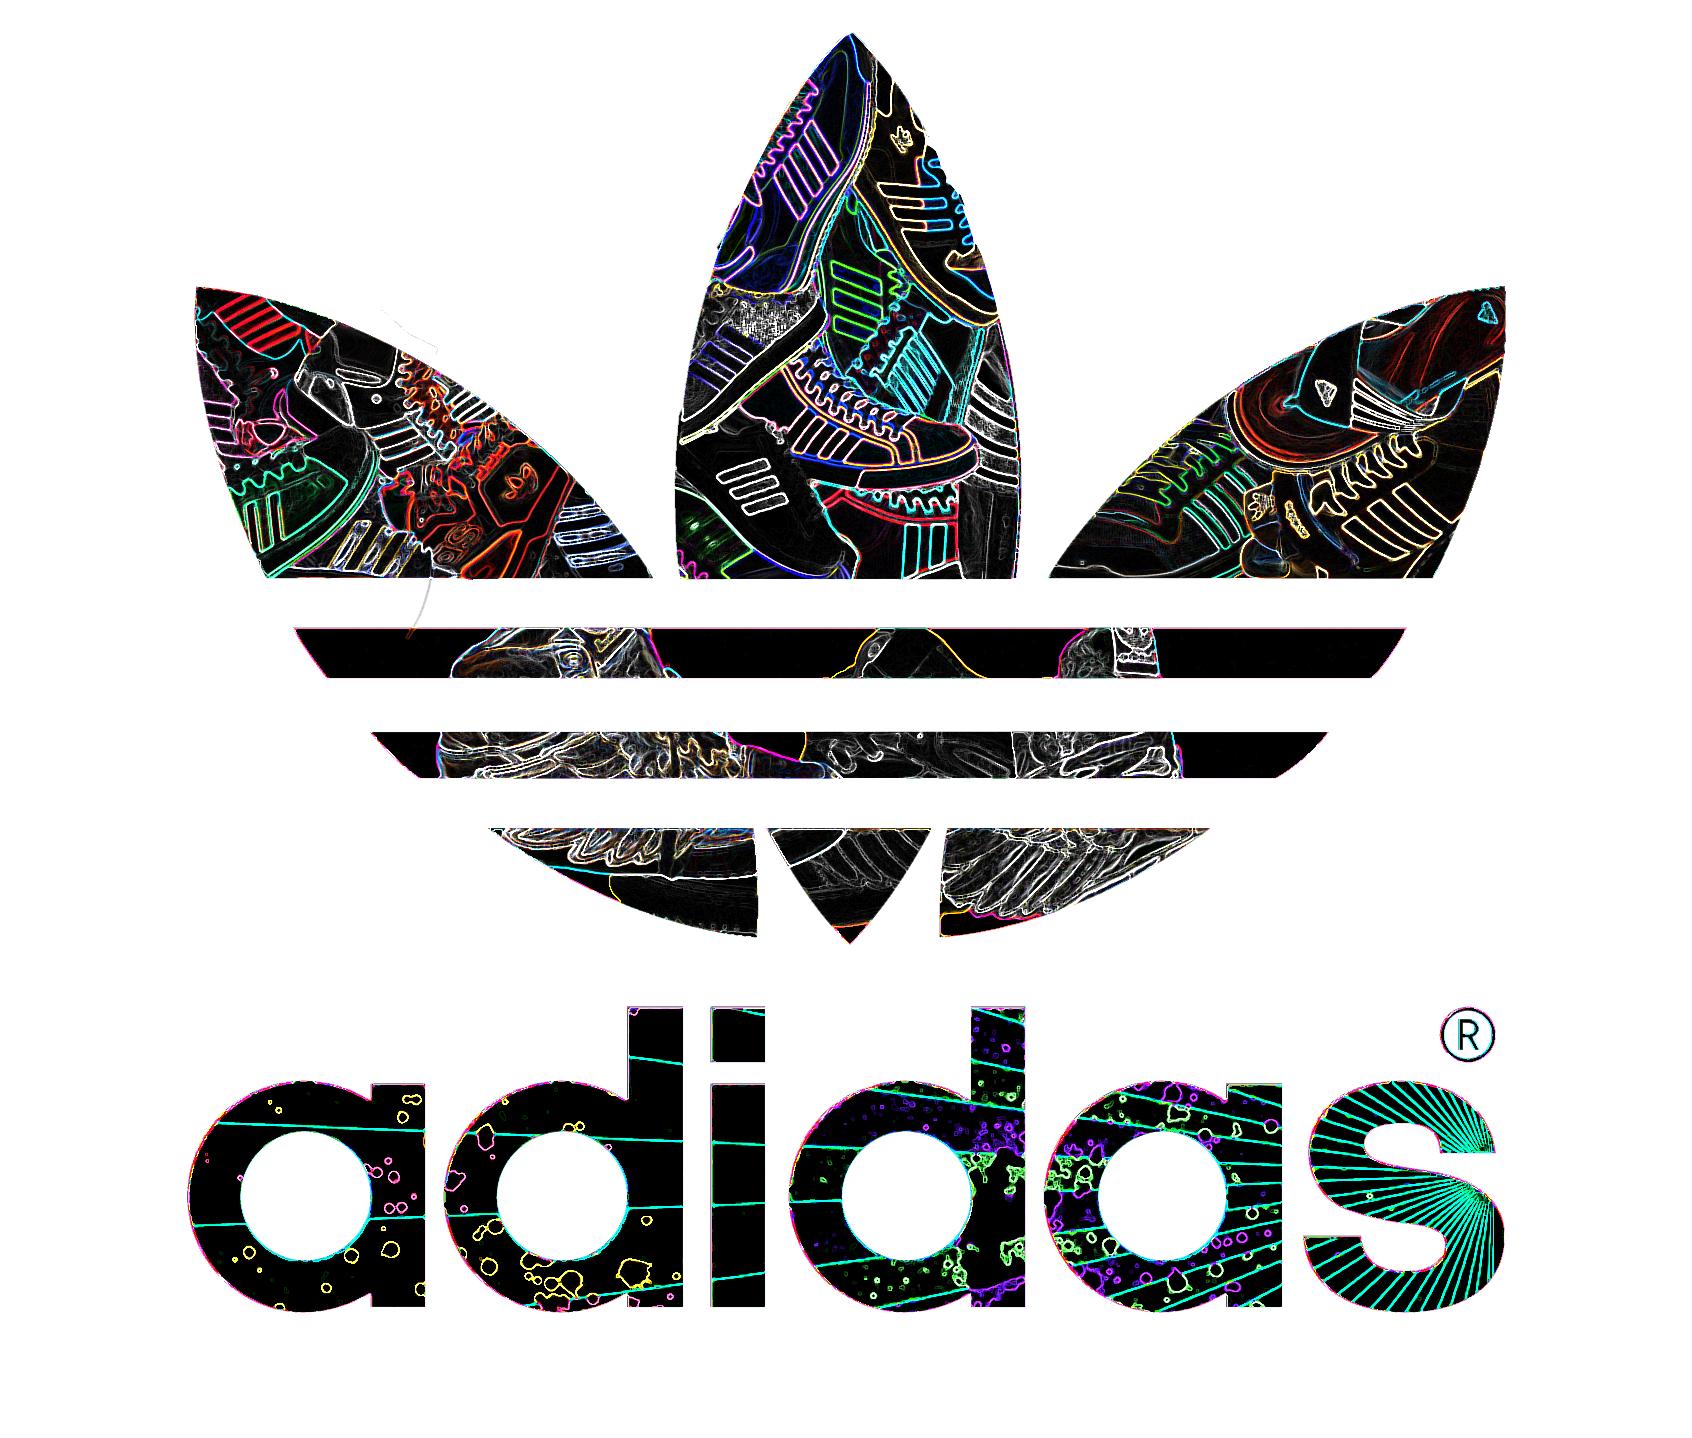 adidas_by_kil3y.png (1692×1438) Adidas logo art, Adidas